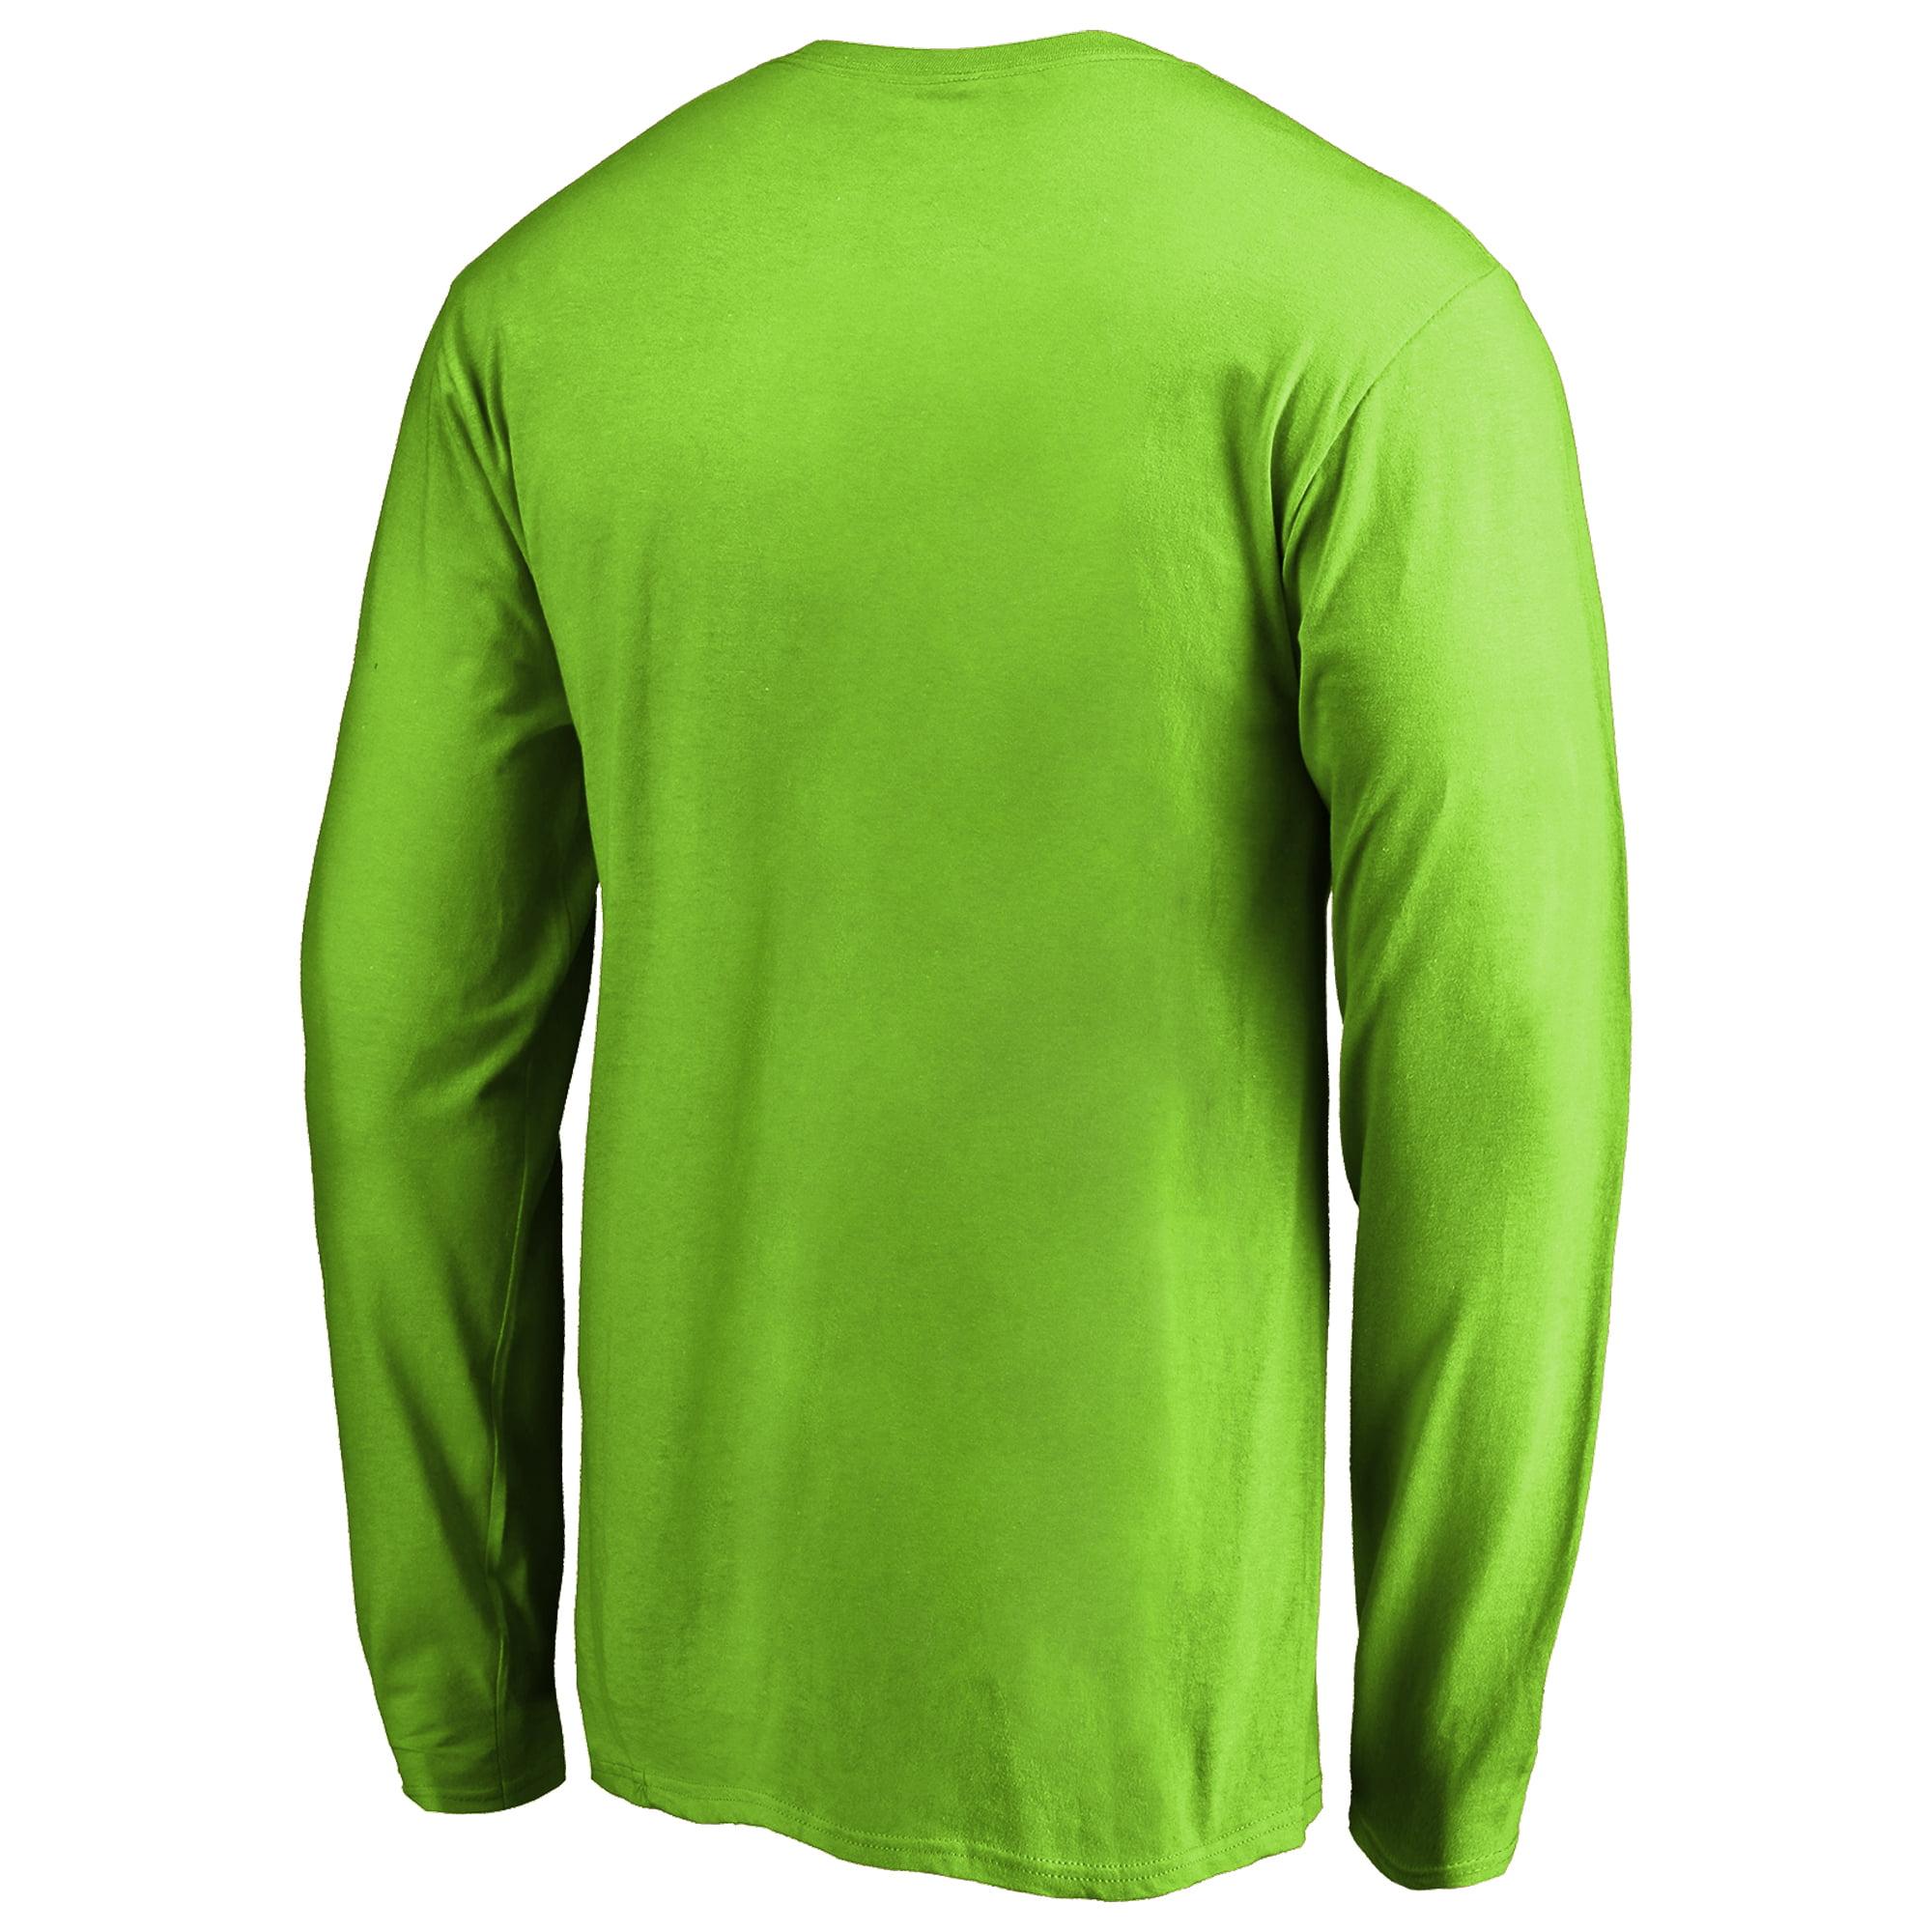 Seattle Seahawks NFL Pro Line by Fanatics Branded Alternate Team Logo Gear  Flea Flicker Long Sleeve T-Shirt - Neon Green - Walmart.com 2f6ce1736